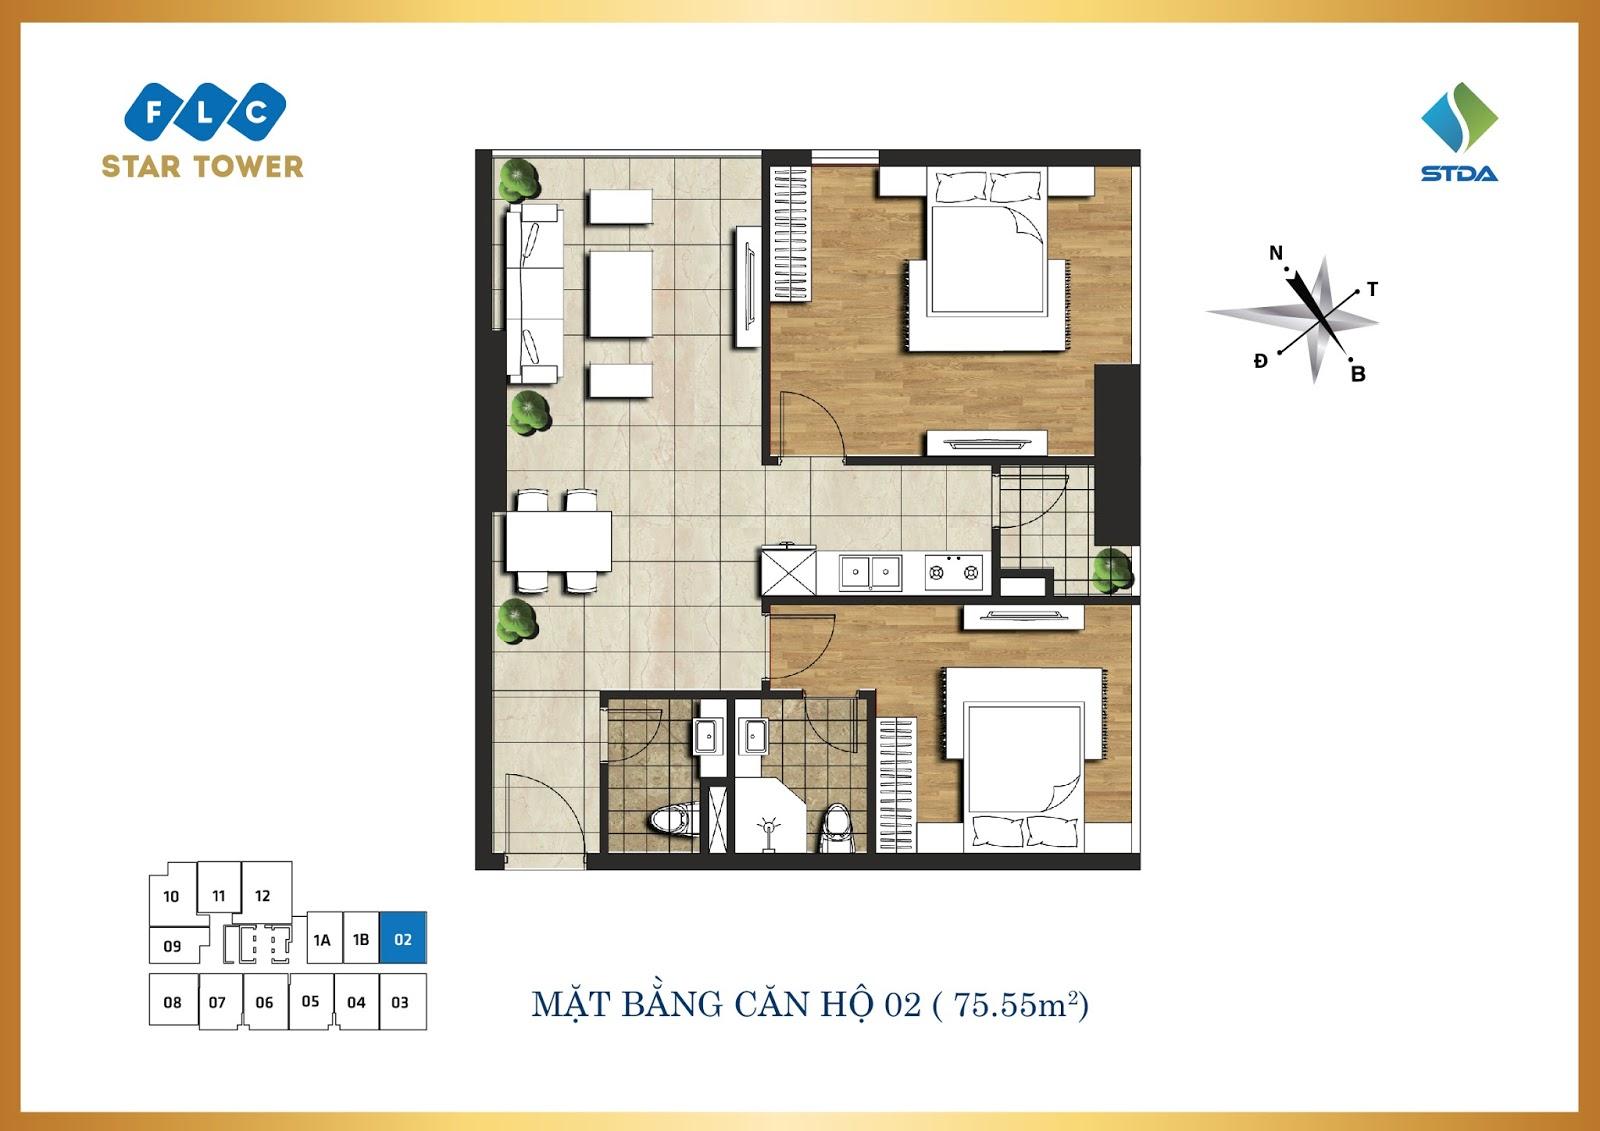 Thiết kế căn hộ số 2 - Chung cư FLC Star Tower